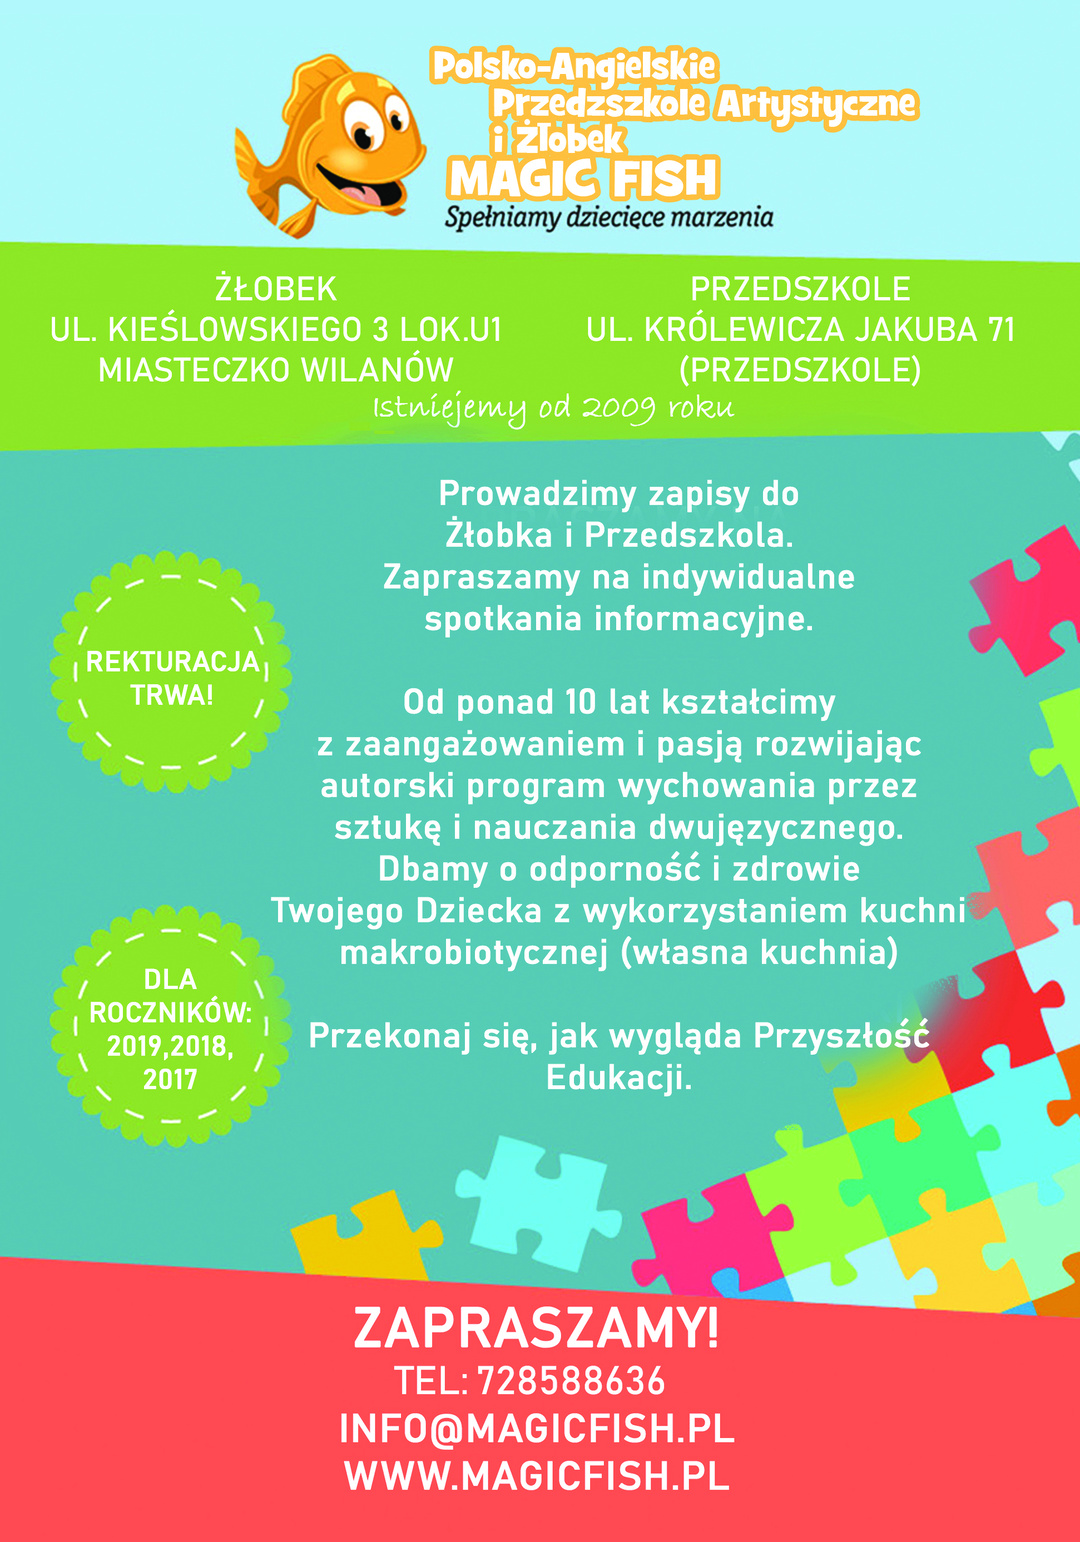 Page 10 of Polsko-angielskie przedszkole artystyczne i żłobek Magic Fish